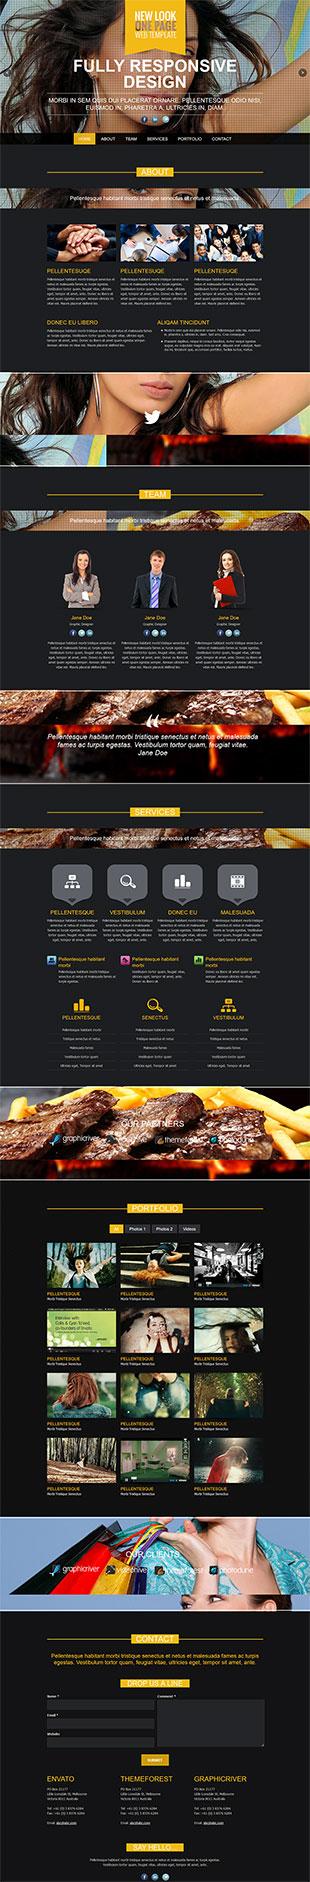 公关设计顾问英文模板网站响应式网站电脑图片